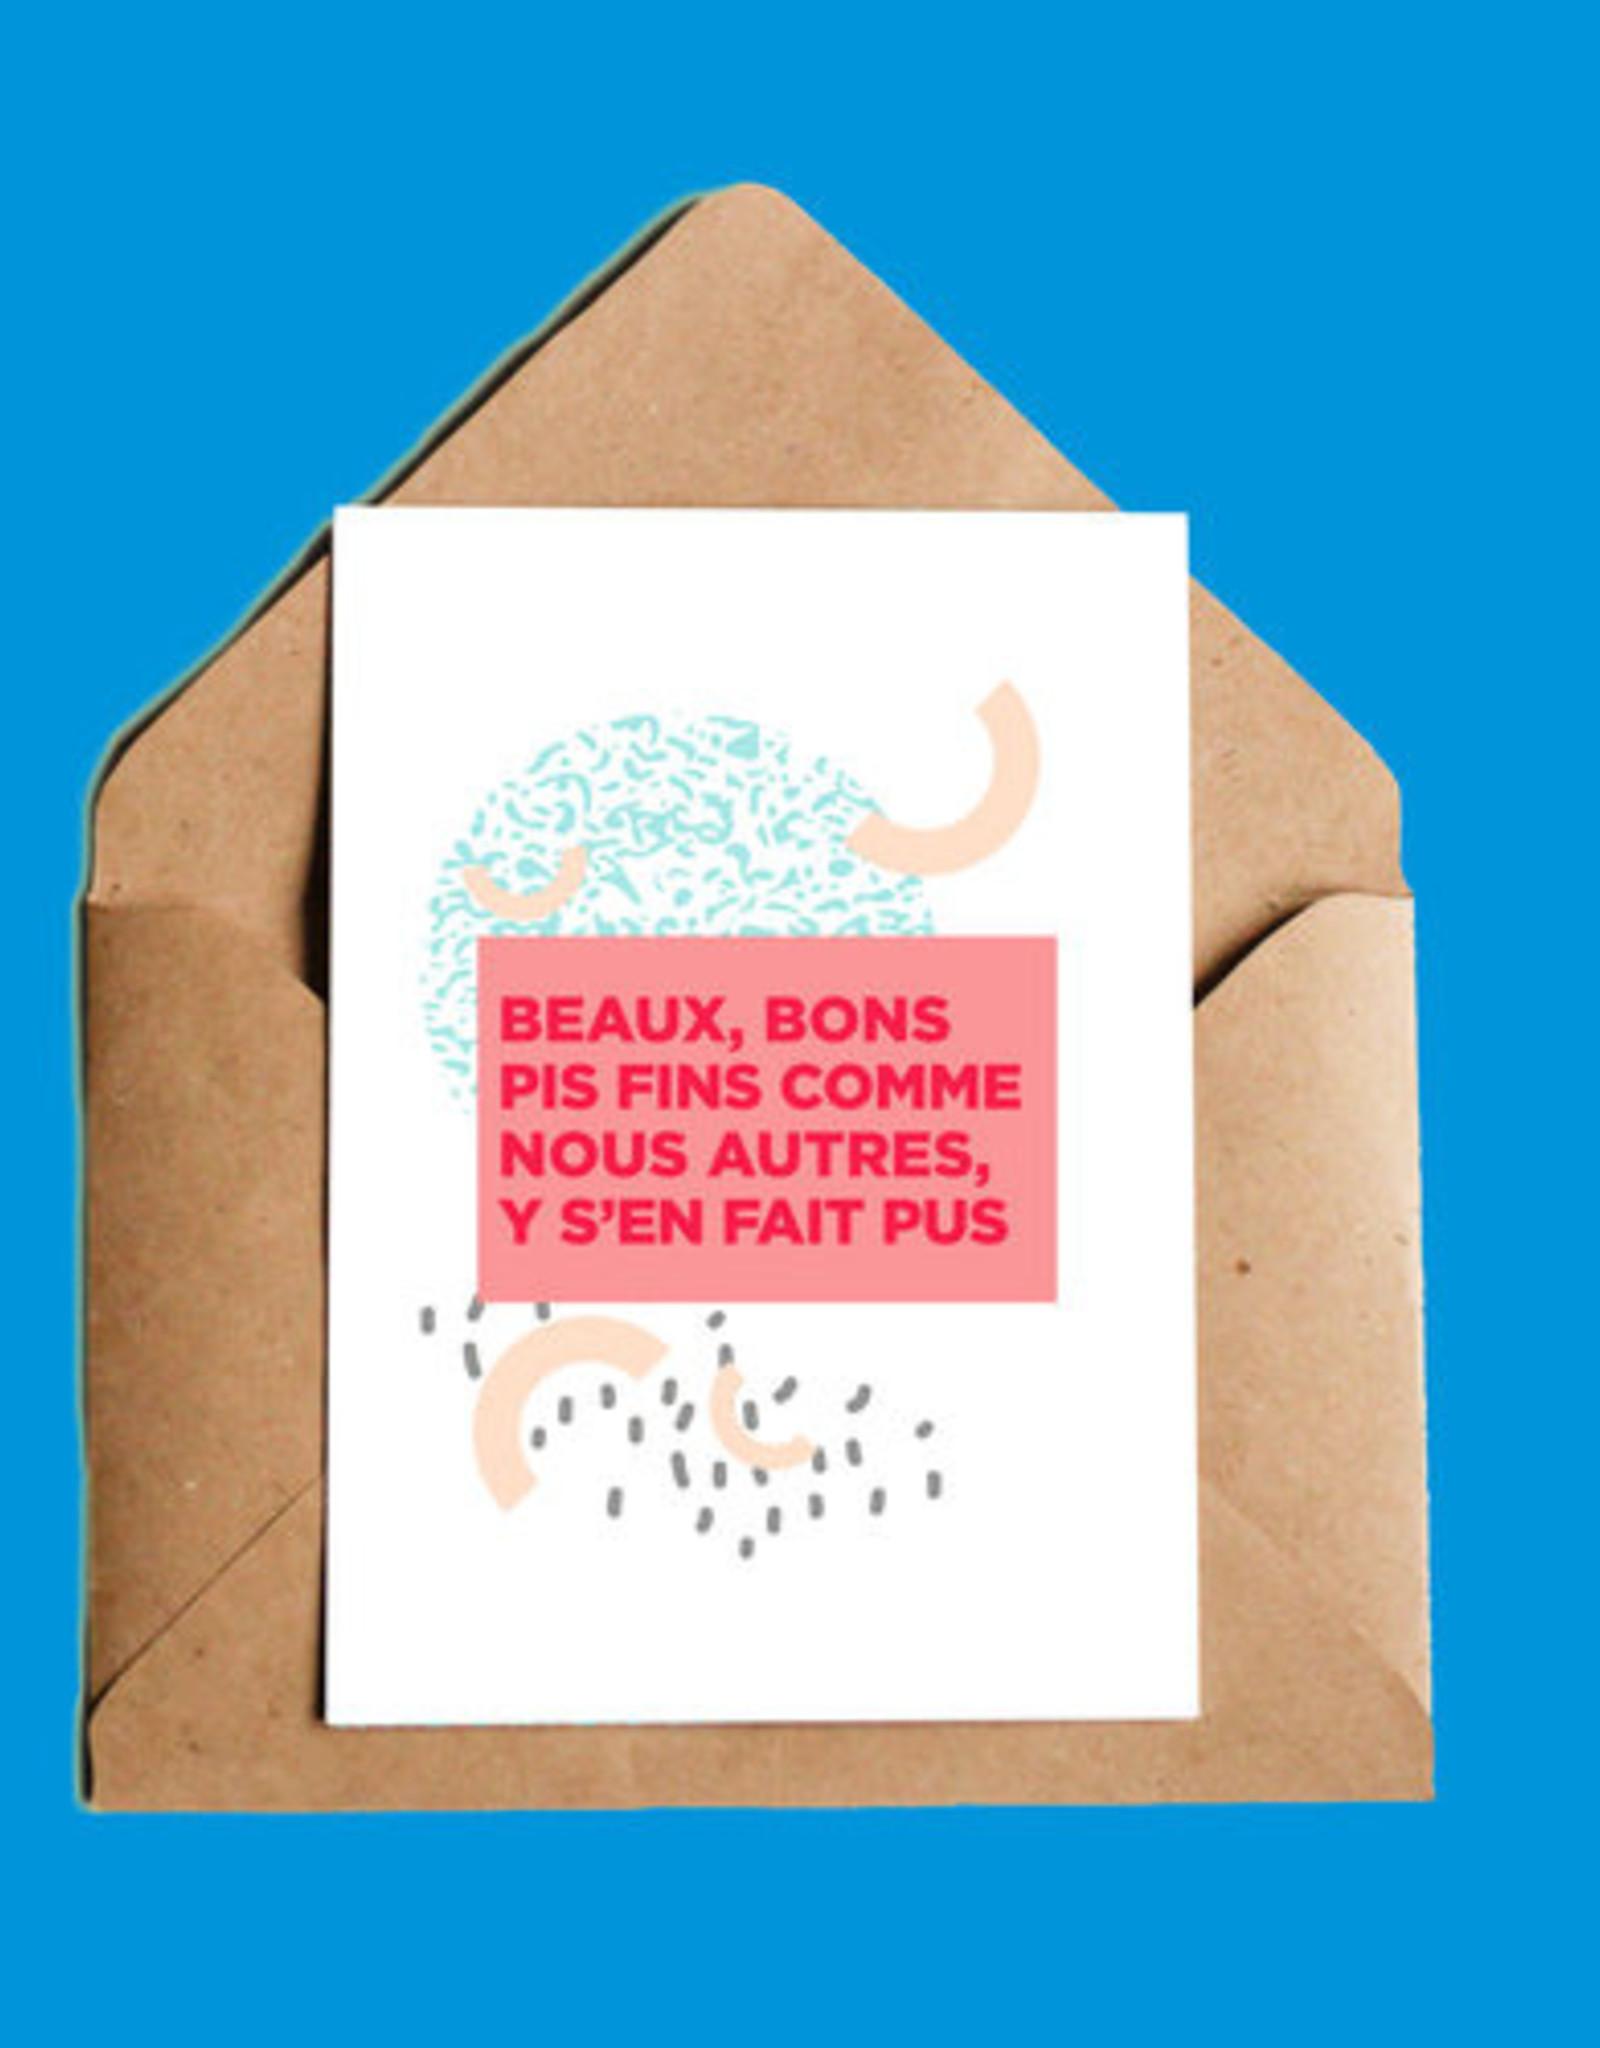 CARTE DE SOUHAITS BEAUX, BONS PIS FINS ...